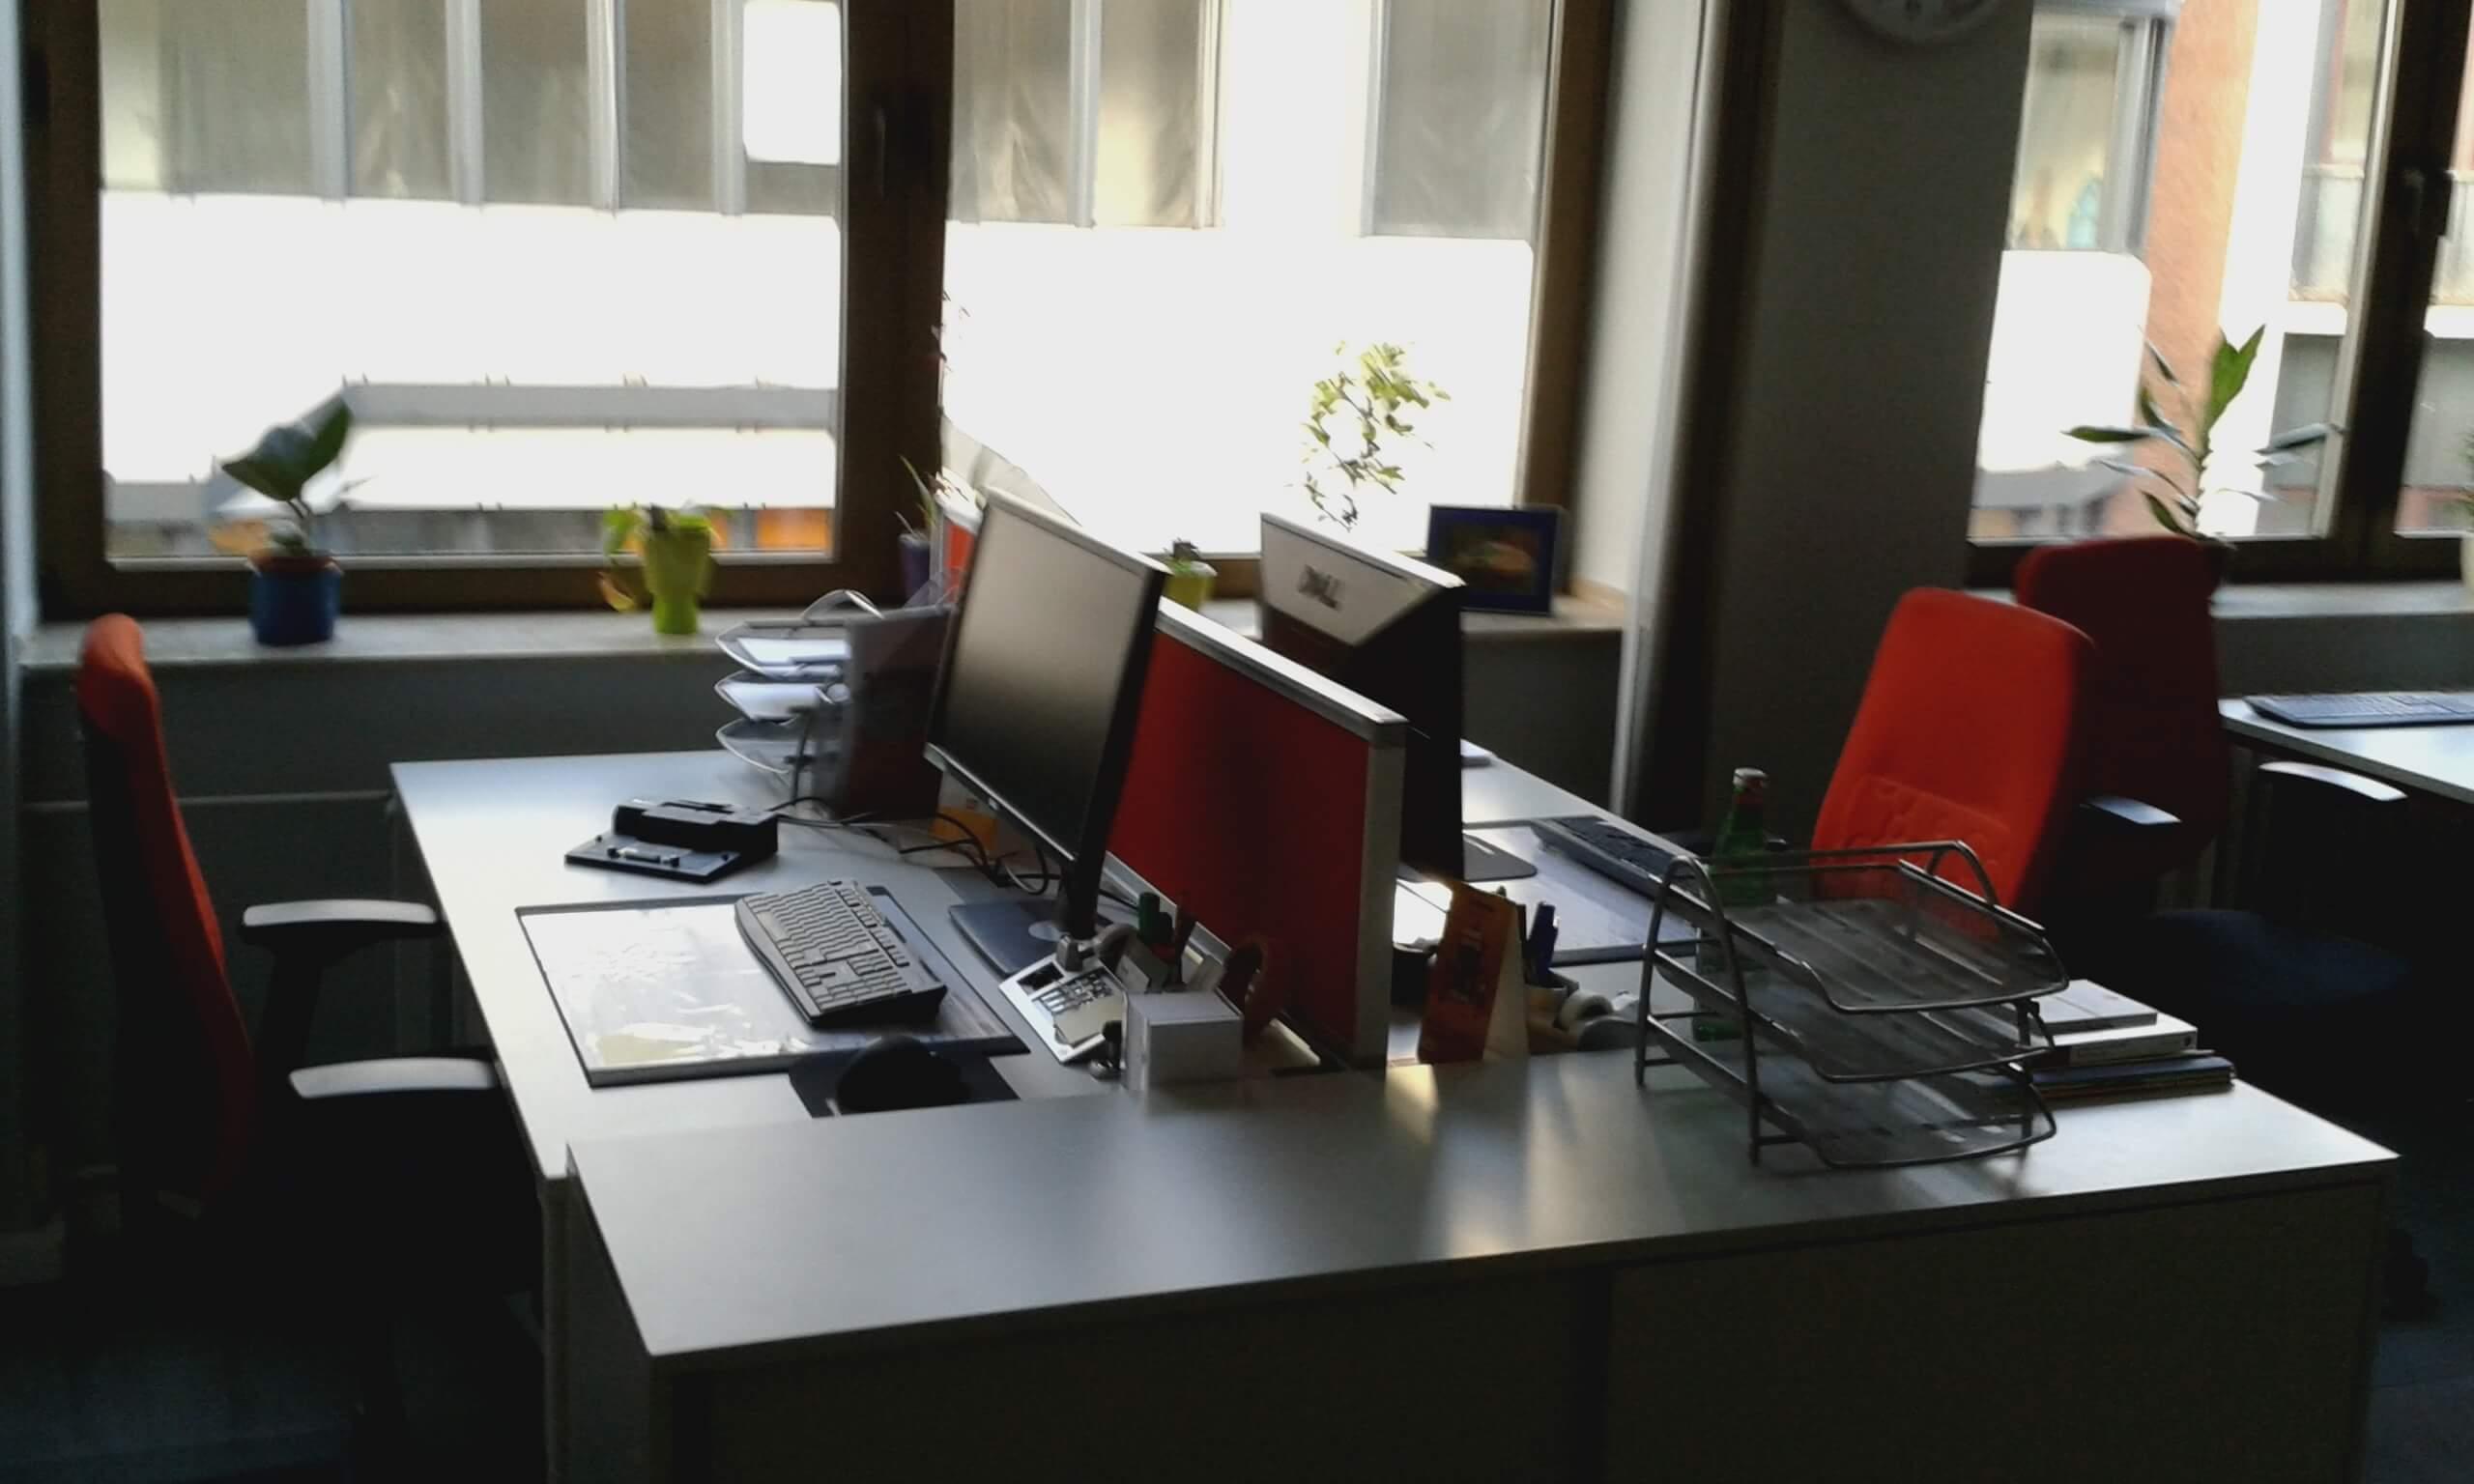 Doppelarbeitsplatz der IFAK ausgestattet von idealbüro GmbH